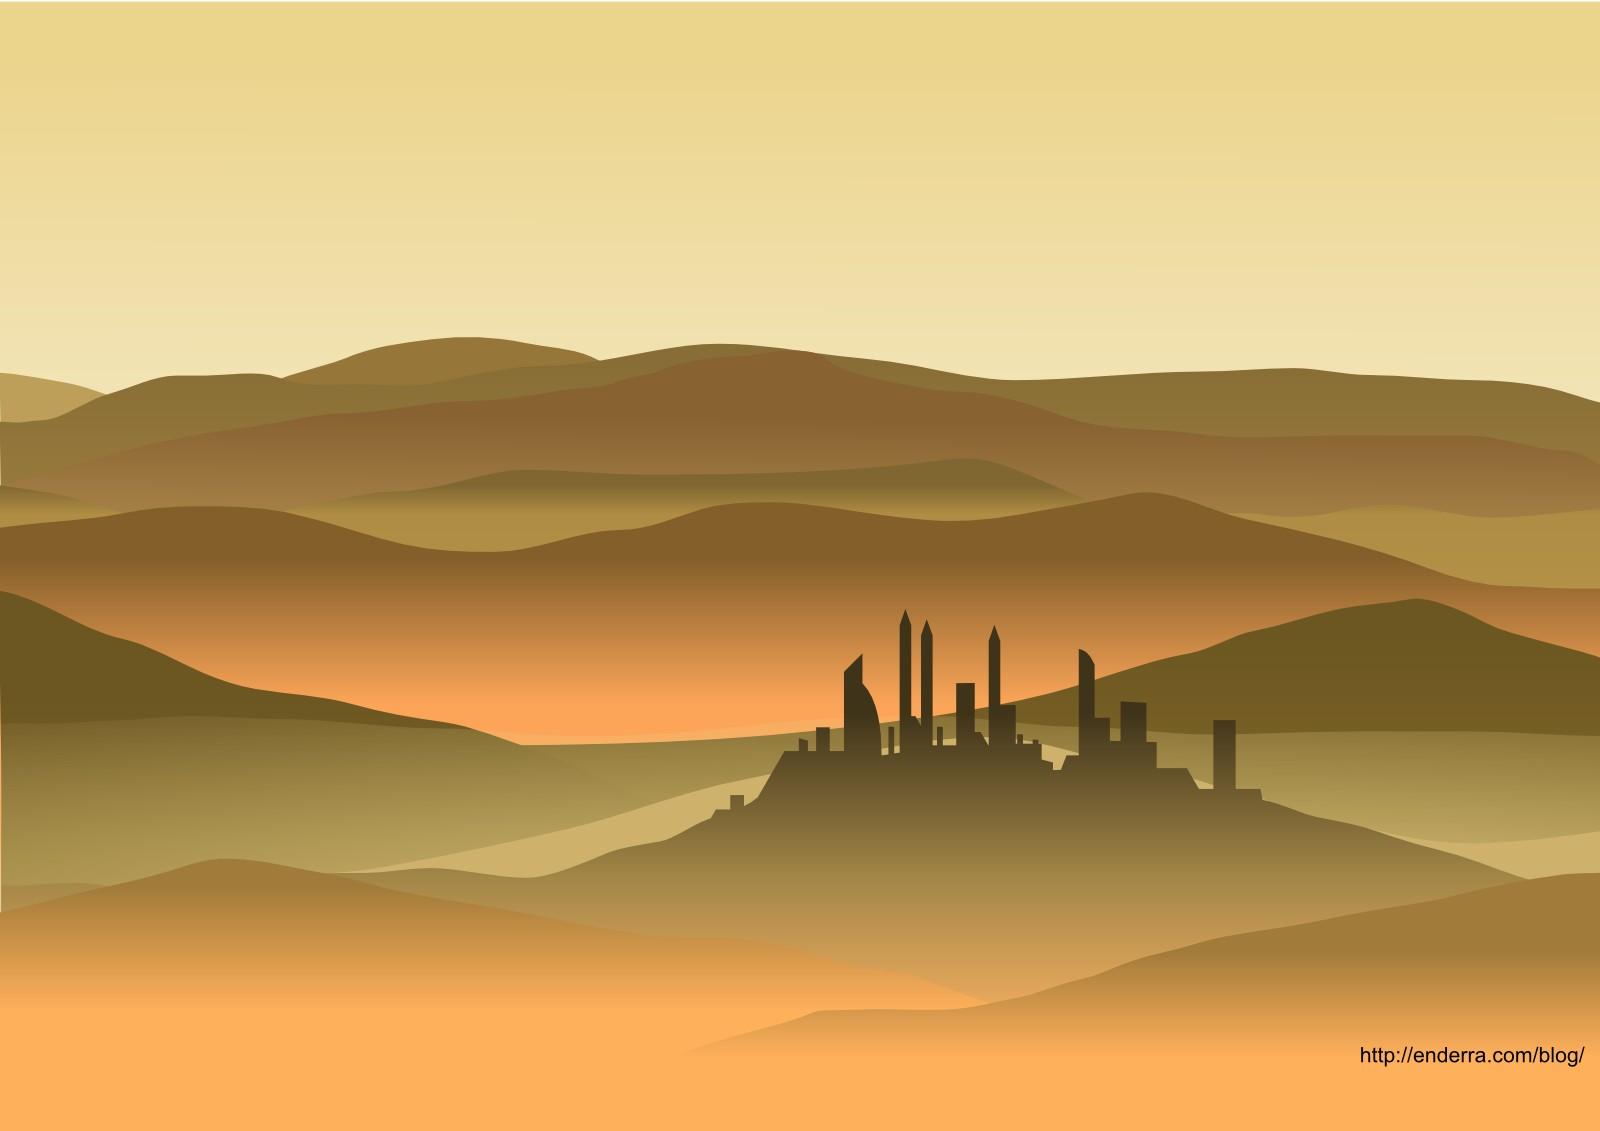 desert landscape wallpaper - photo #8